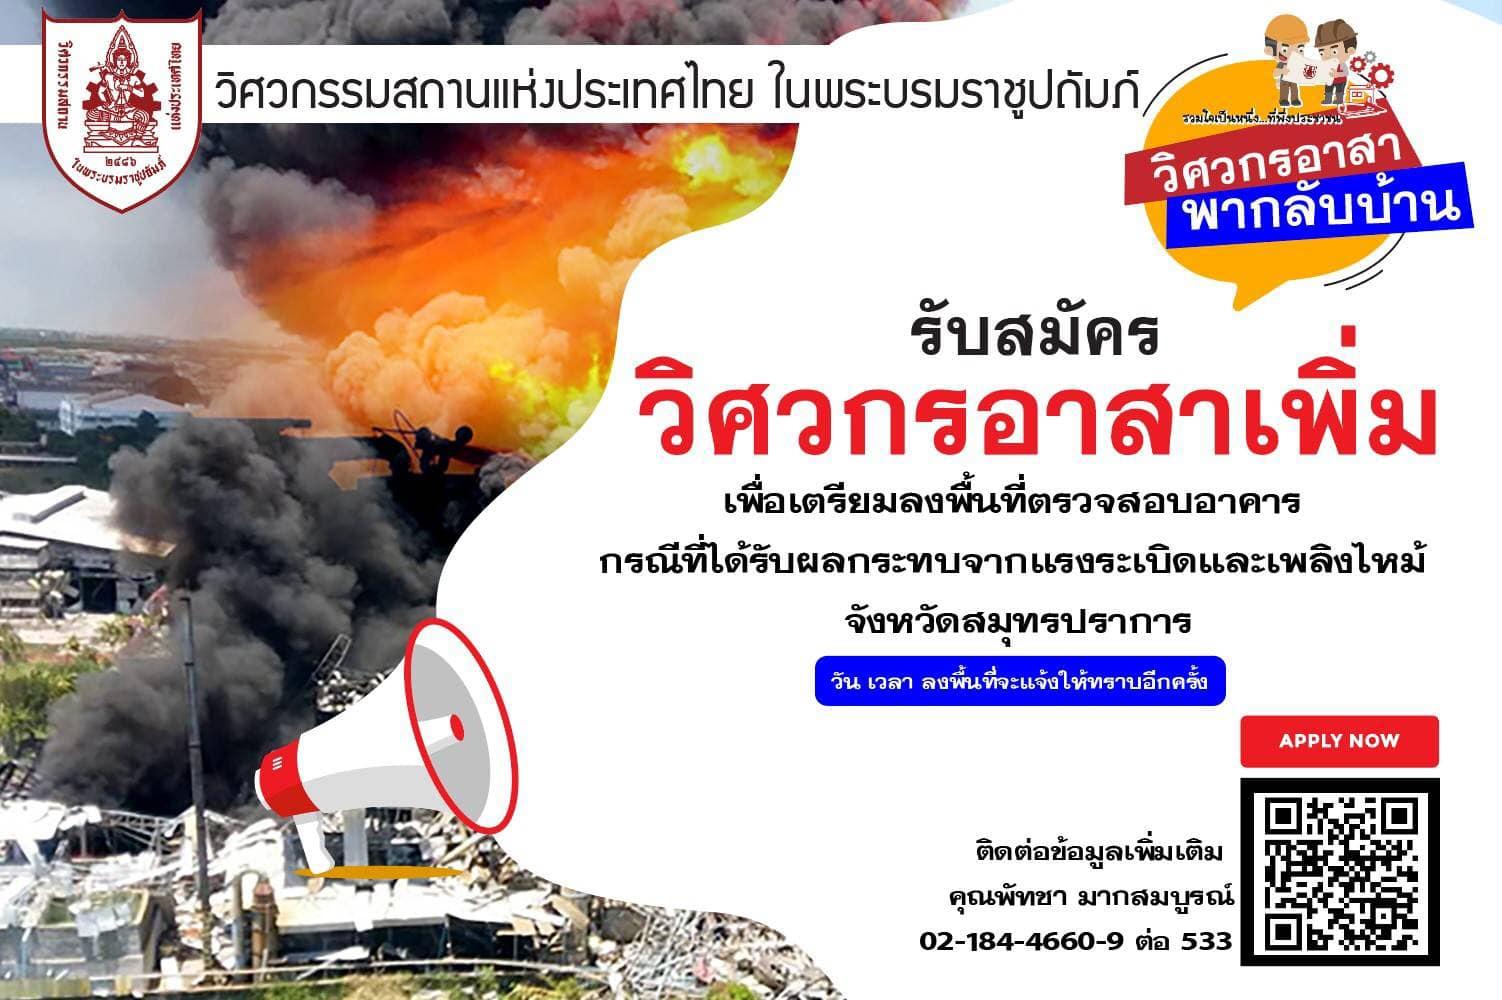 วิศวกรรมสถานแห่งประเทศไทยฯ (วสท.) รับสมัครวิศวกรอาสาเพิ่ม !